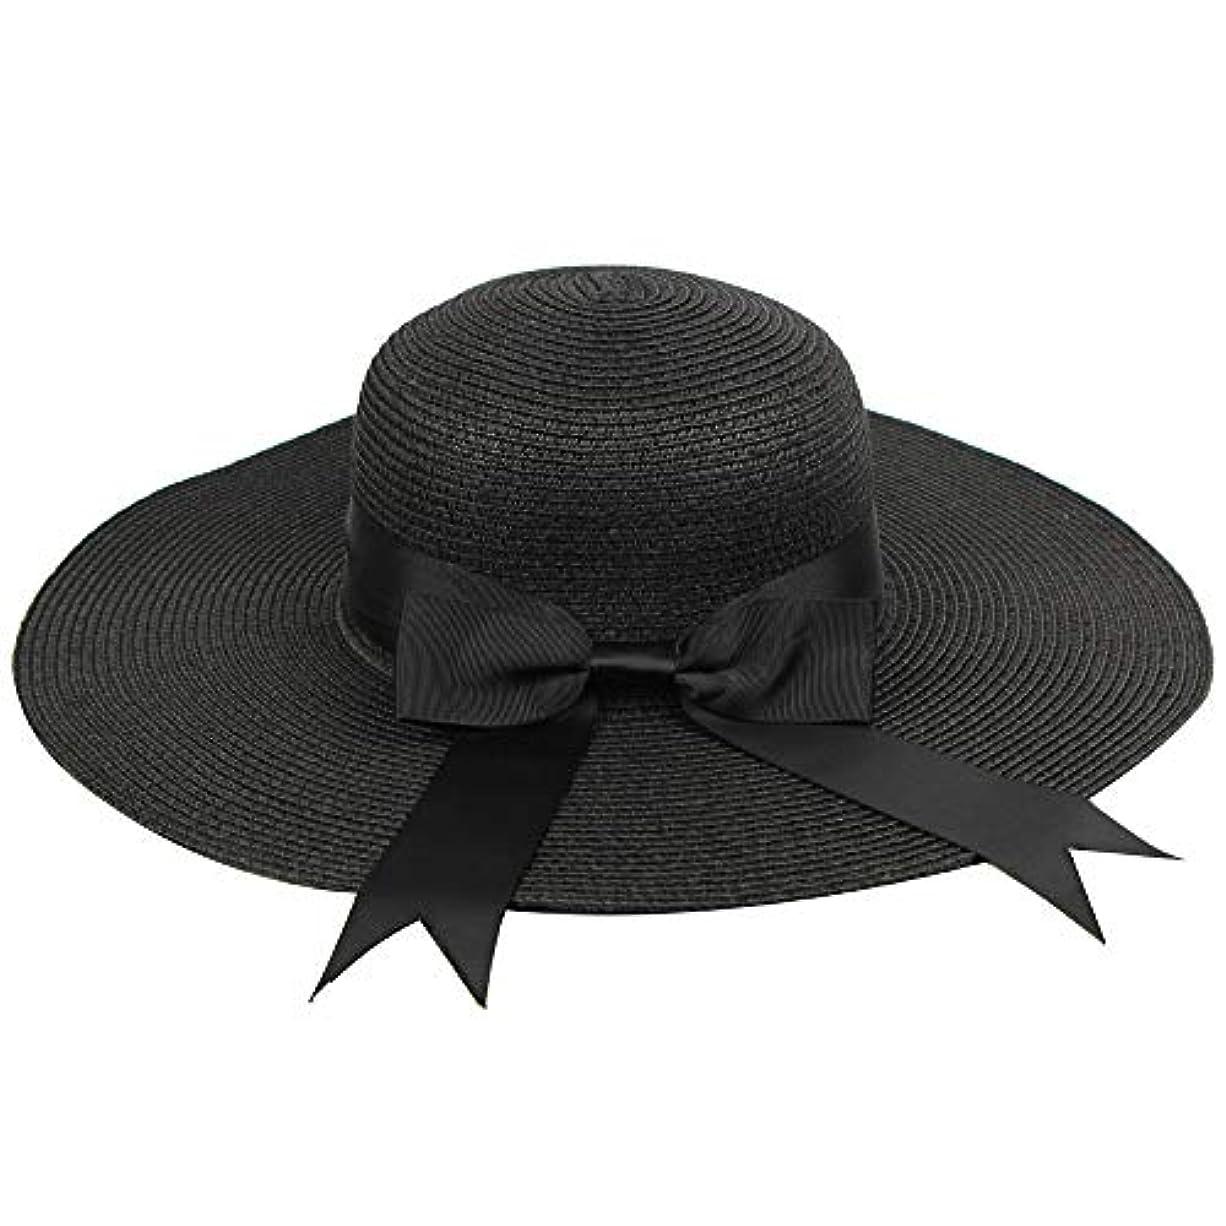 かもめかもめ小麦粉UVカット 帽子 ハット レディース 紫外線対策 日焼け防止 軽量 熱中症予防 取り外すあご紐 つば広 おしゃれ 広幅 小顔効果抜群 折りたたみ サイズ調節可 旅行 調節テープ 吸汗通気 紫外線対策 ROSE ROMAN